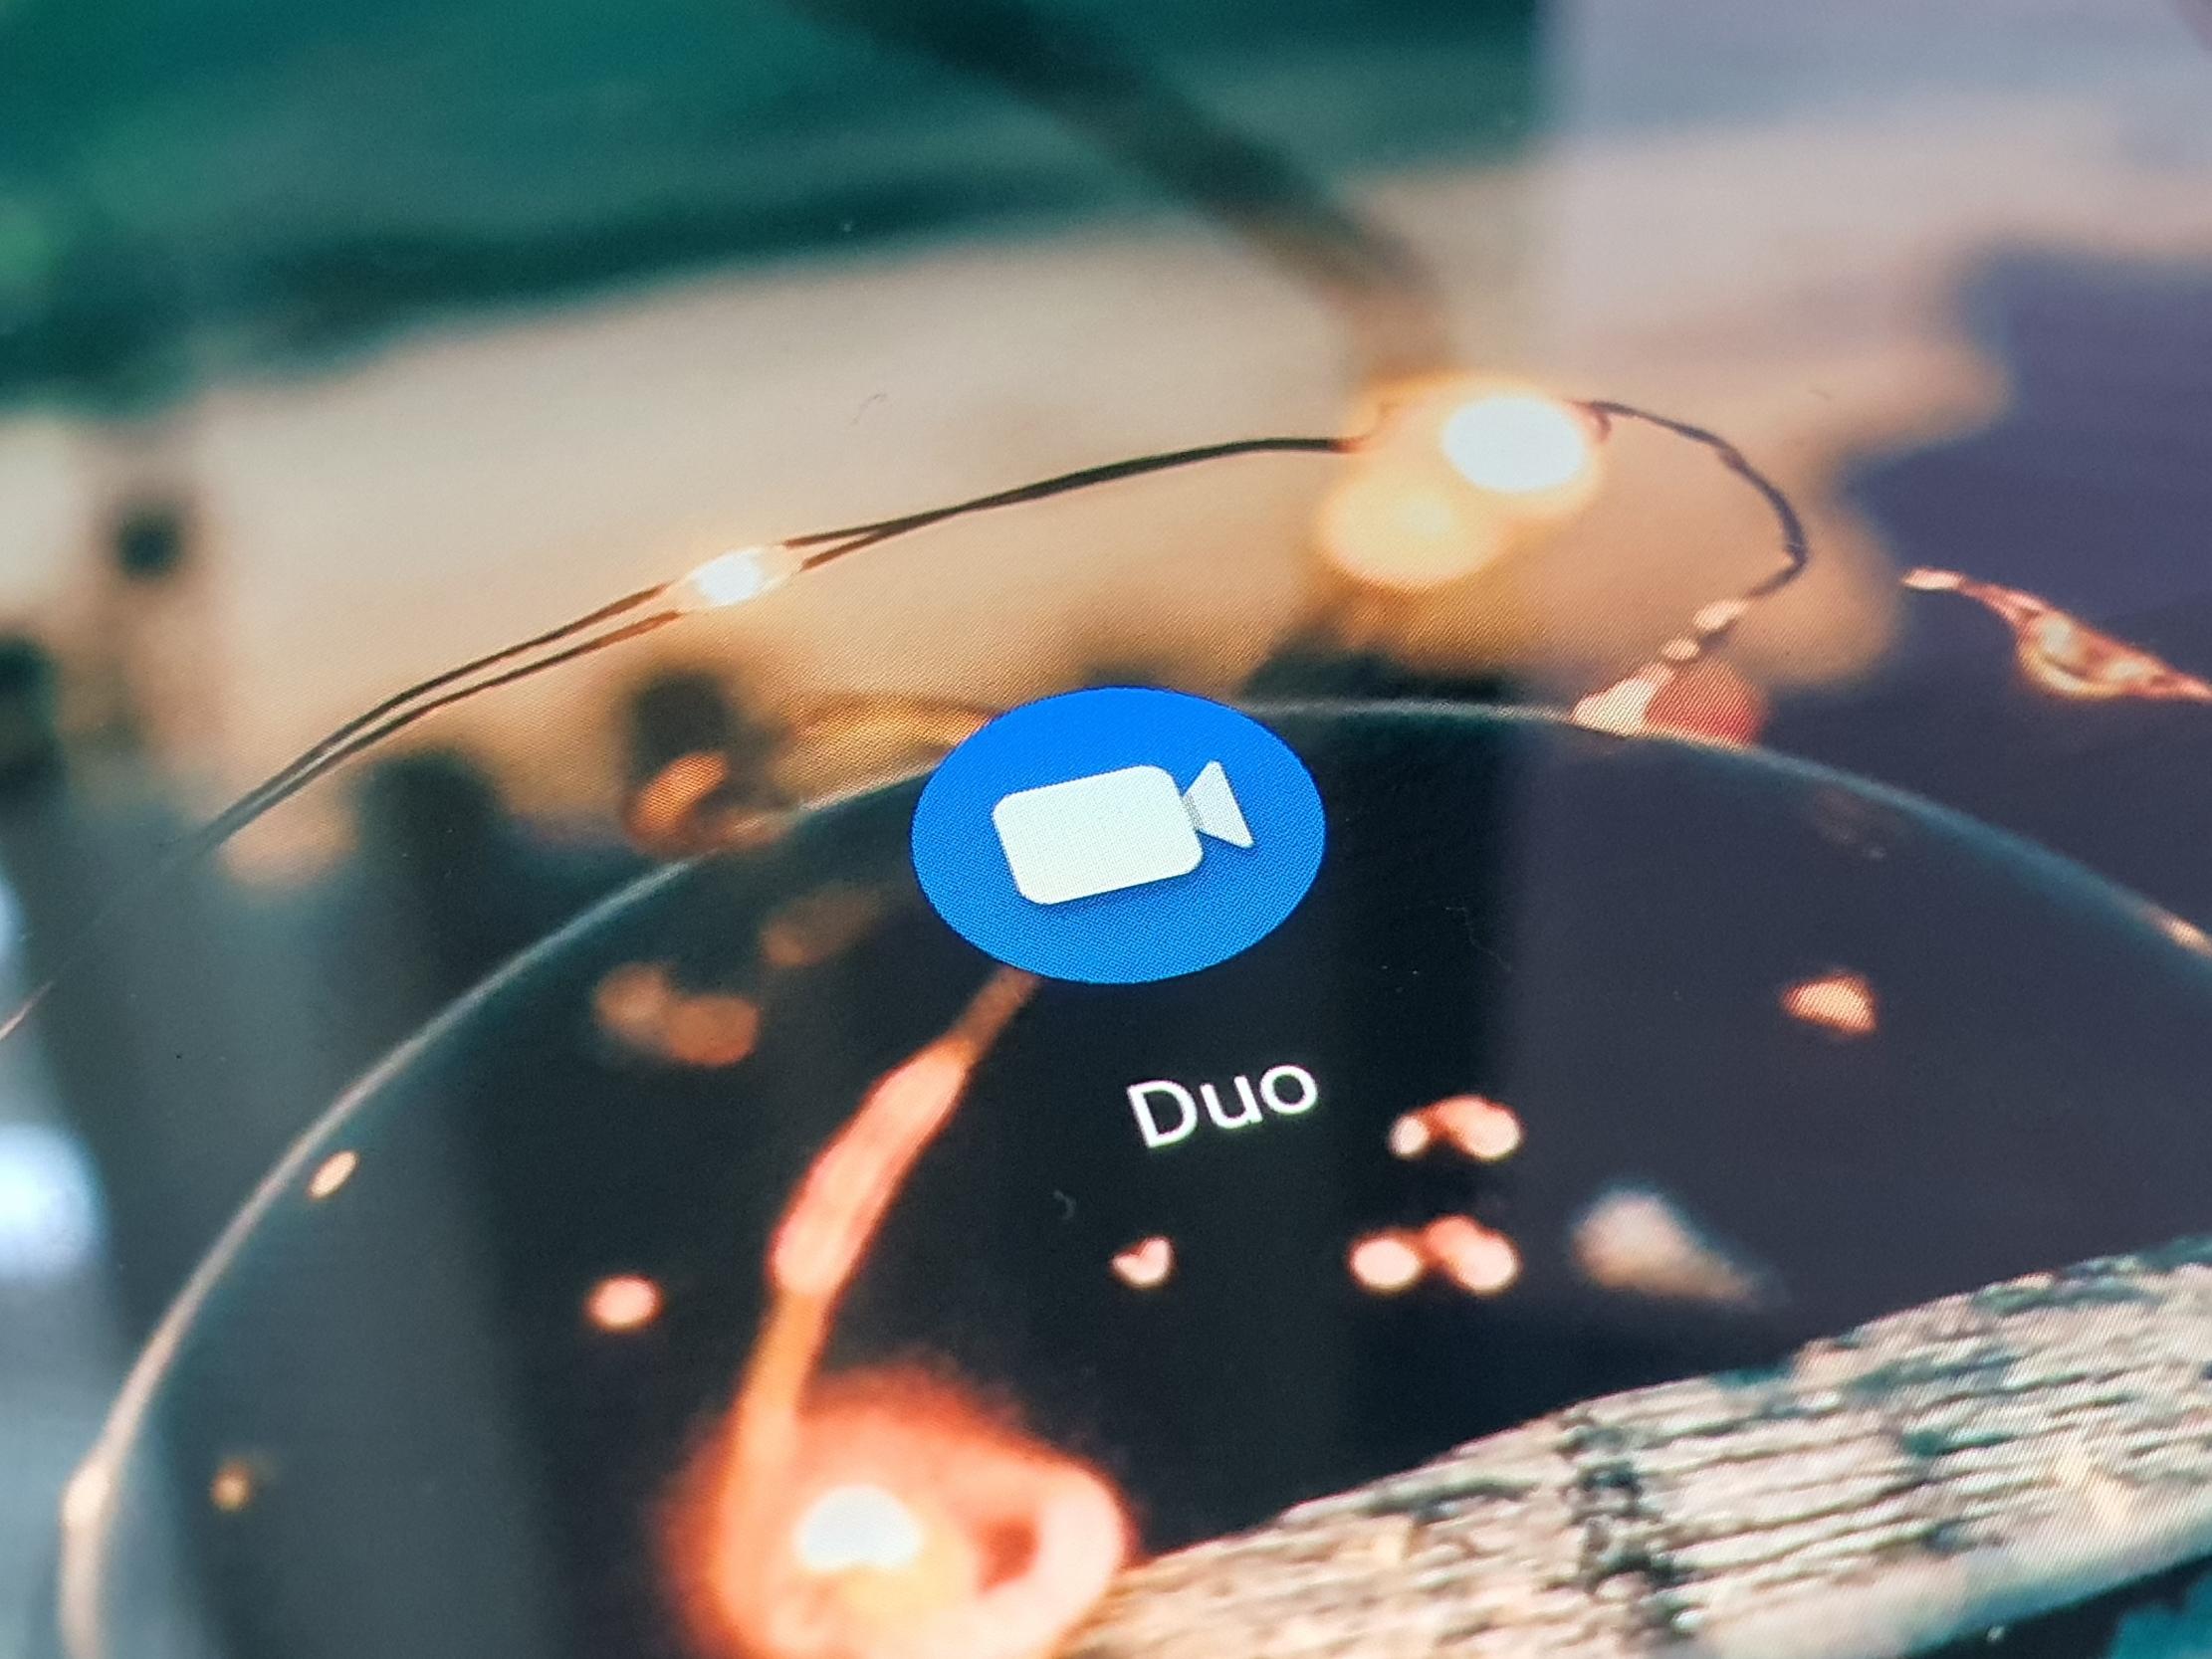 Ta funkcja Google Duo jest oficjalnie dostępna tylko na Pixelach i Samsungach Galaxy S21